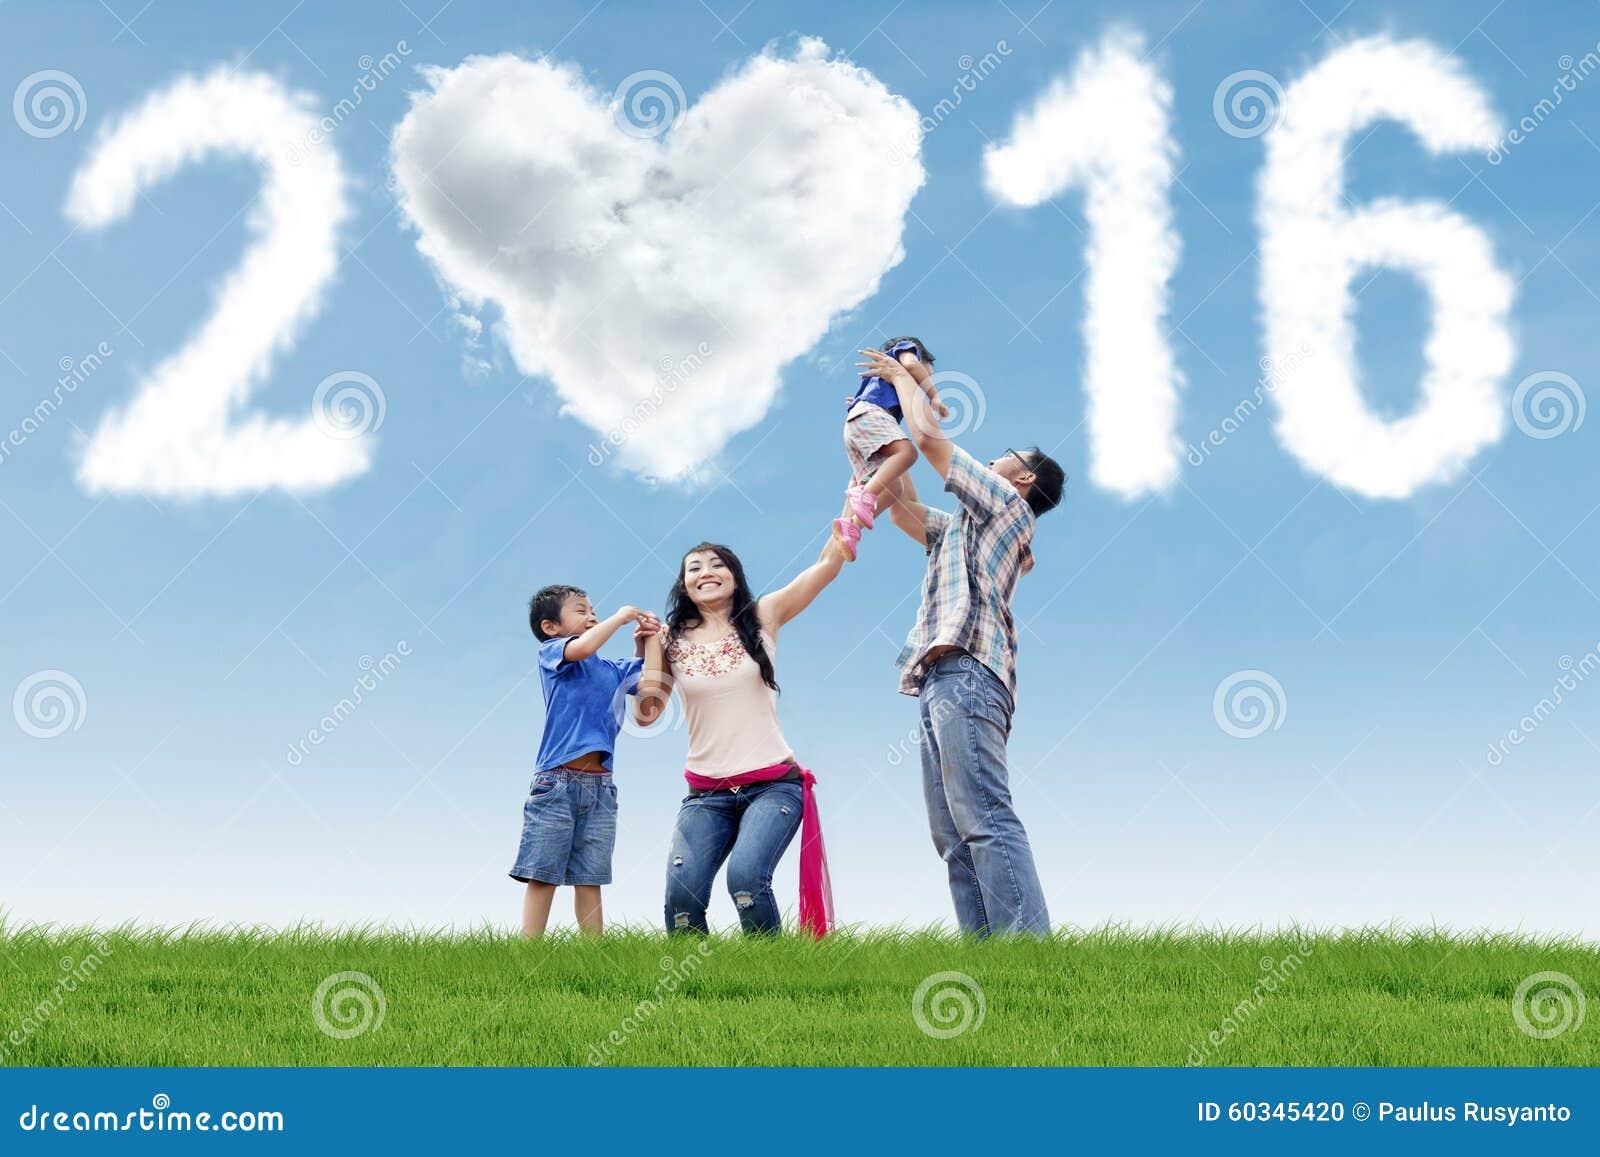 Hispanische Familie feiern neues Jahr